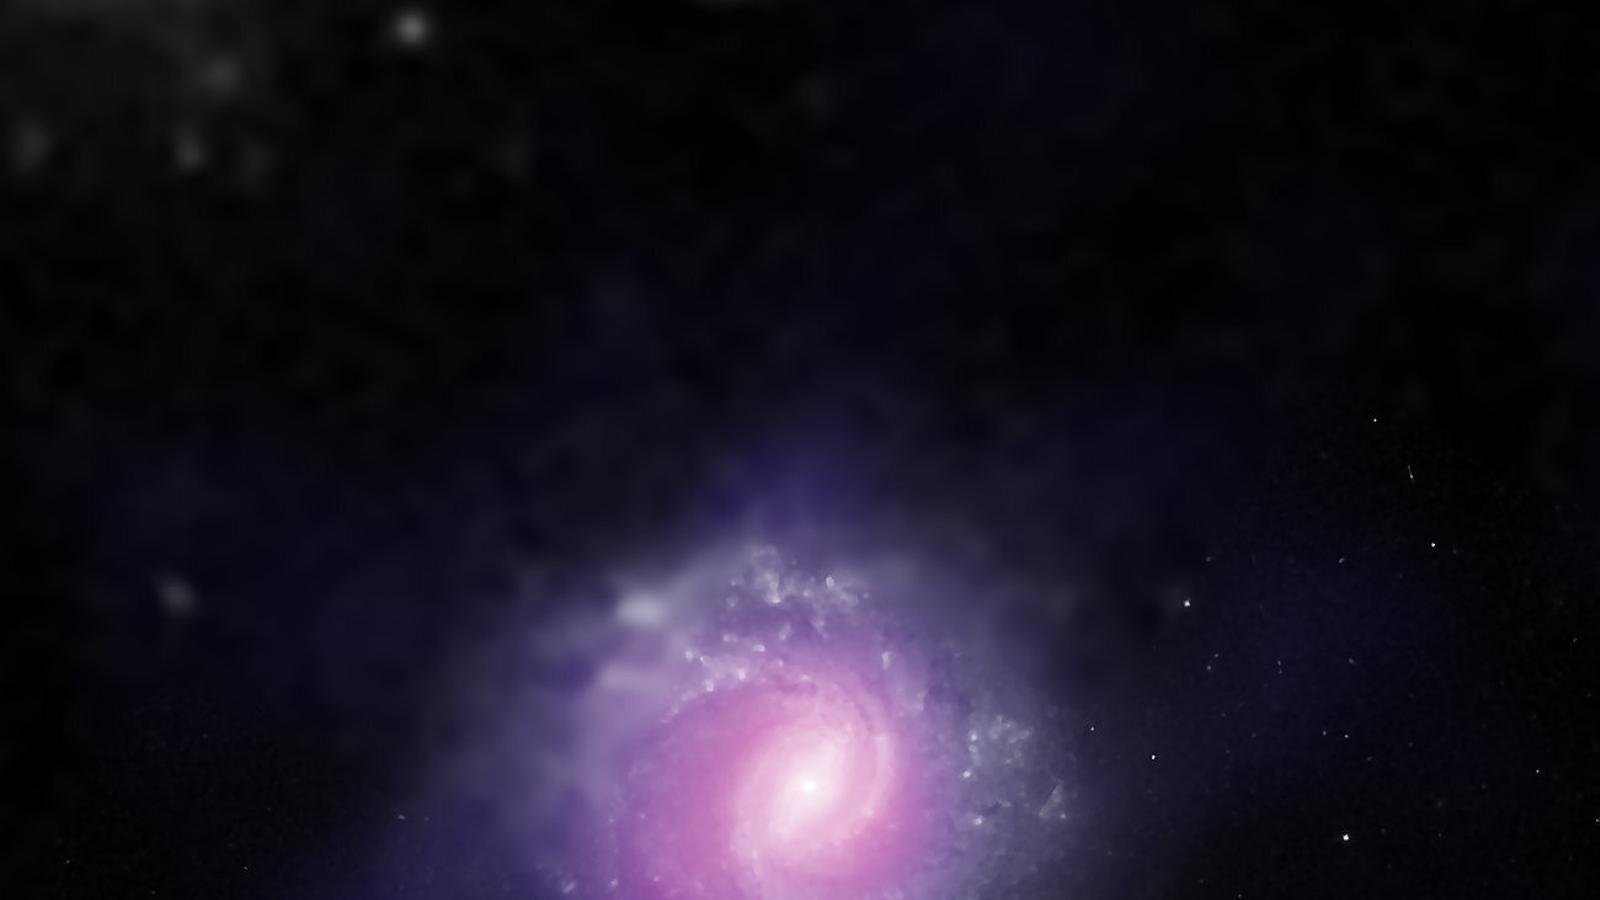 Imatge composta de raigs X i llum visible de la galàxia NGC 1068, a 47 milions d'anys llum de la Terra, captada el 2015 per diferents telescopis. Al centre hi ha un gran forat negre supermassiu actiu.